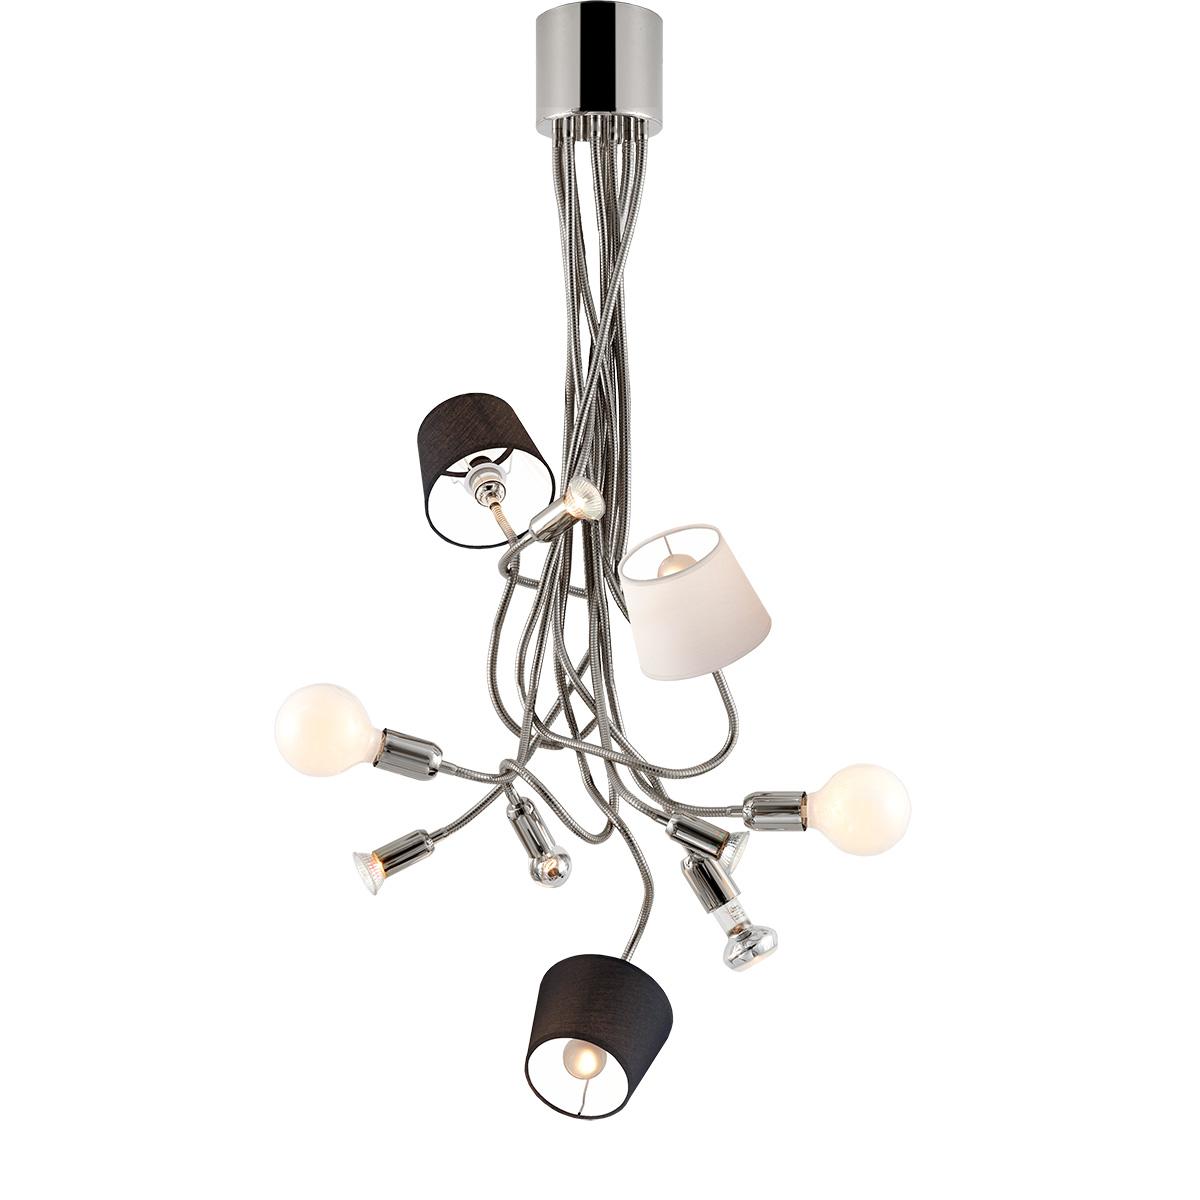 Μοντέρνο 10φωτο φωτιστικό FLEX 10-bulb chandelier